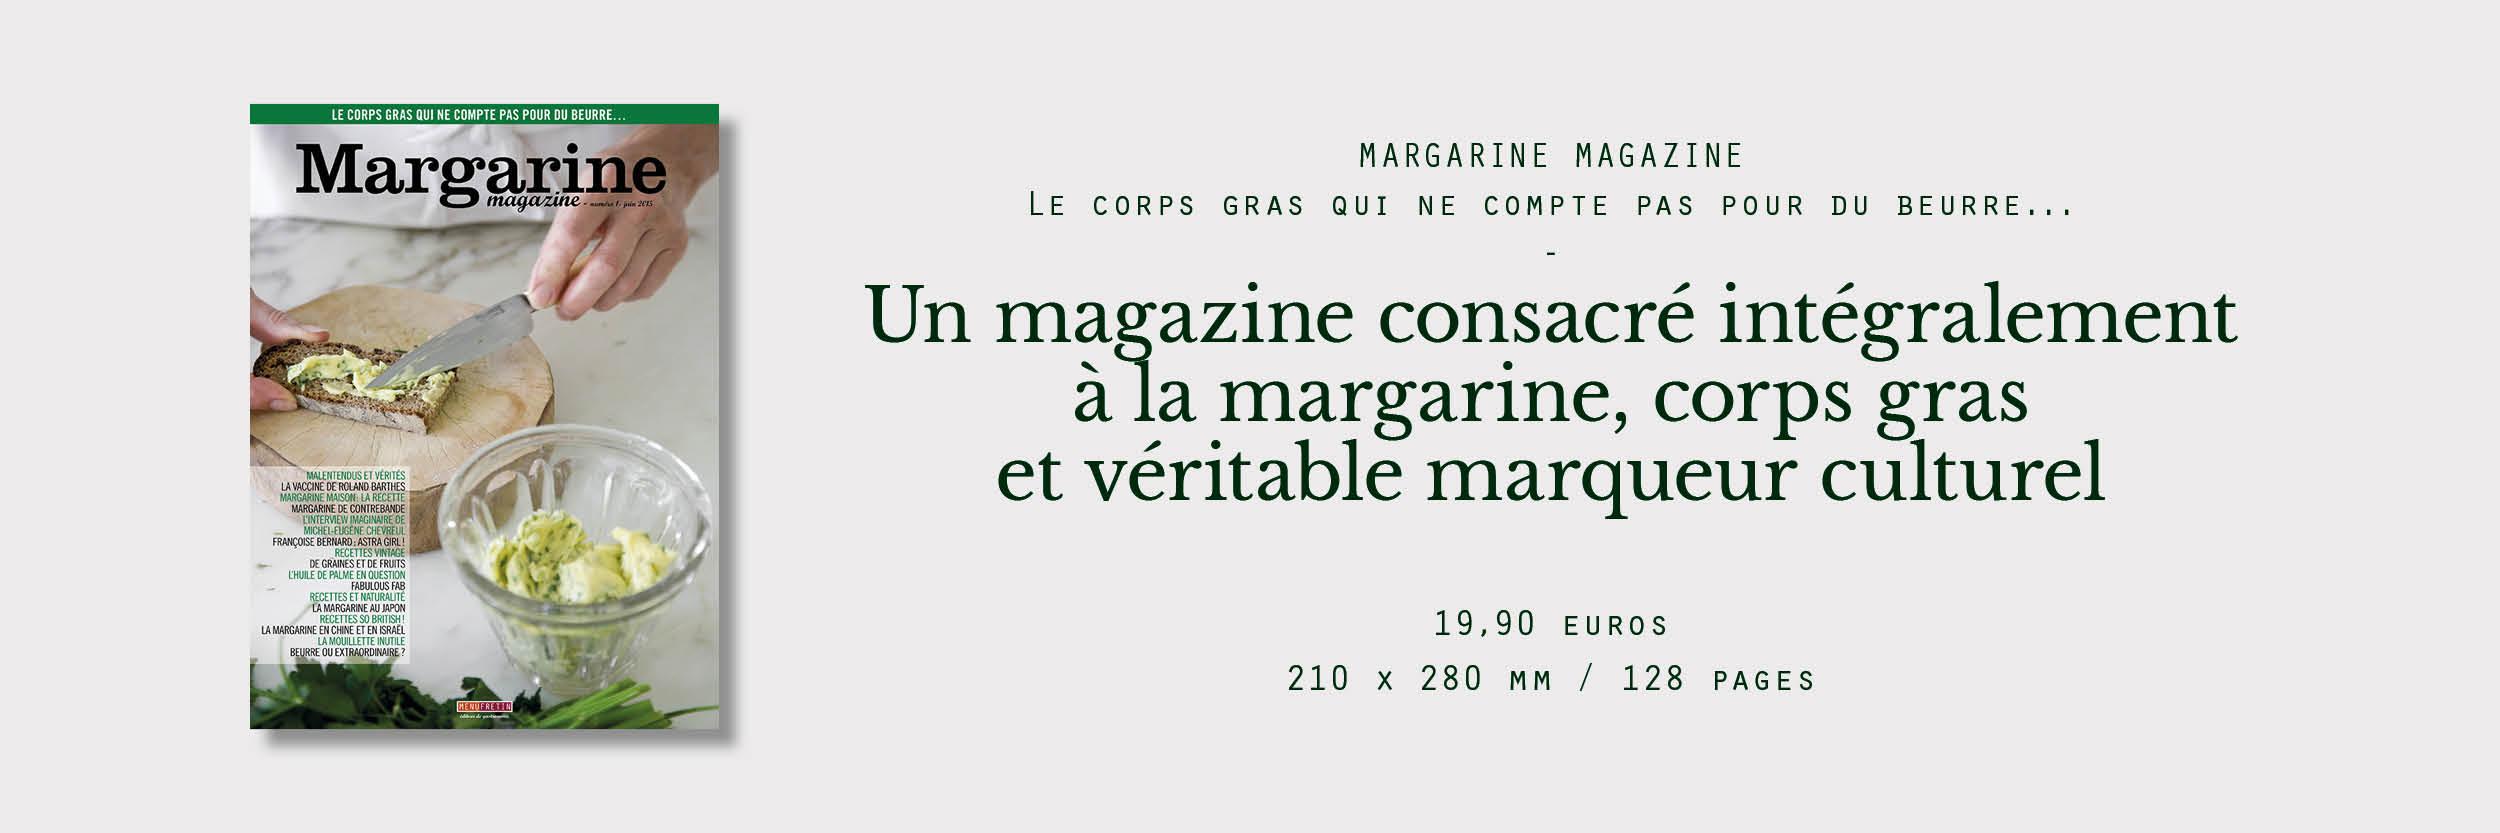 margarine magazine